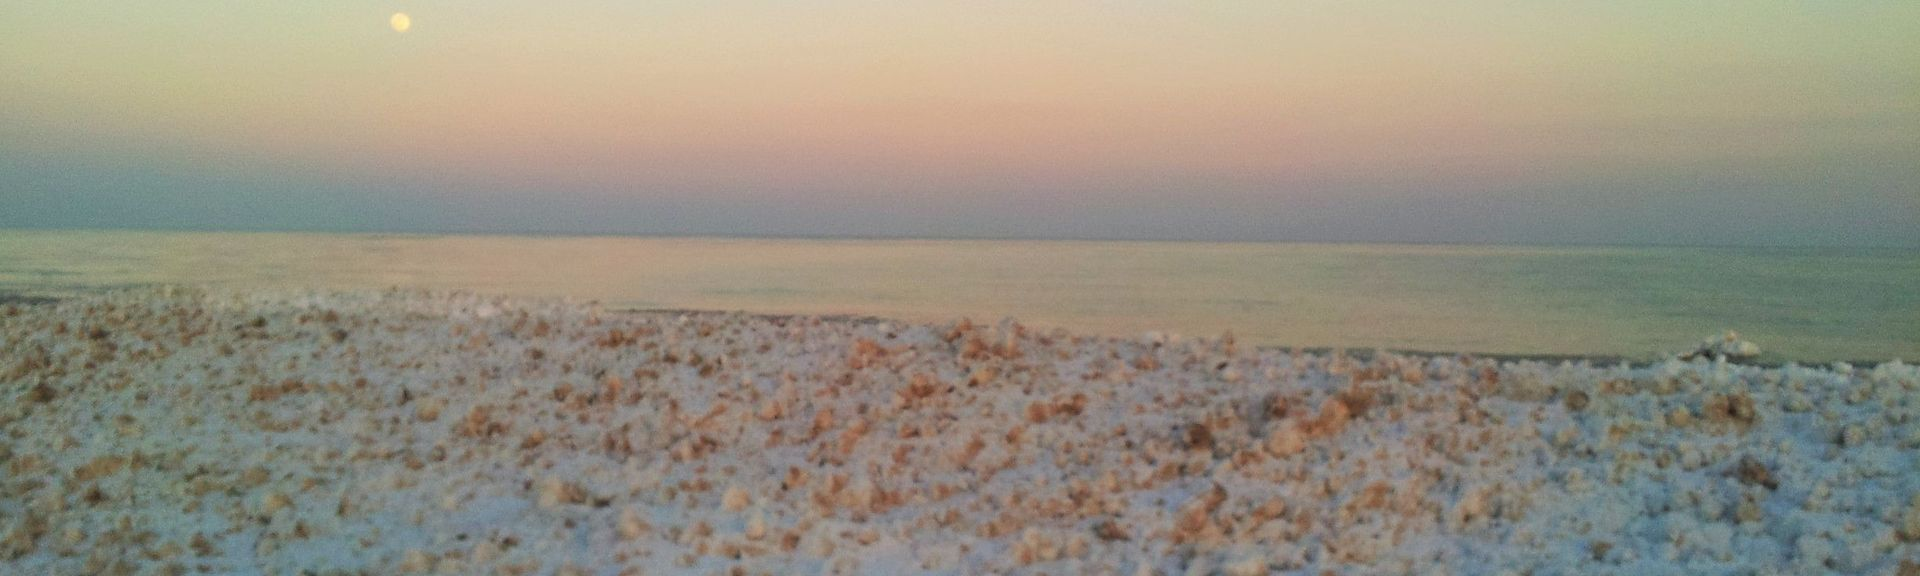 Bradford Beach, Milwaukee, WI, USA